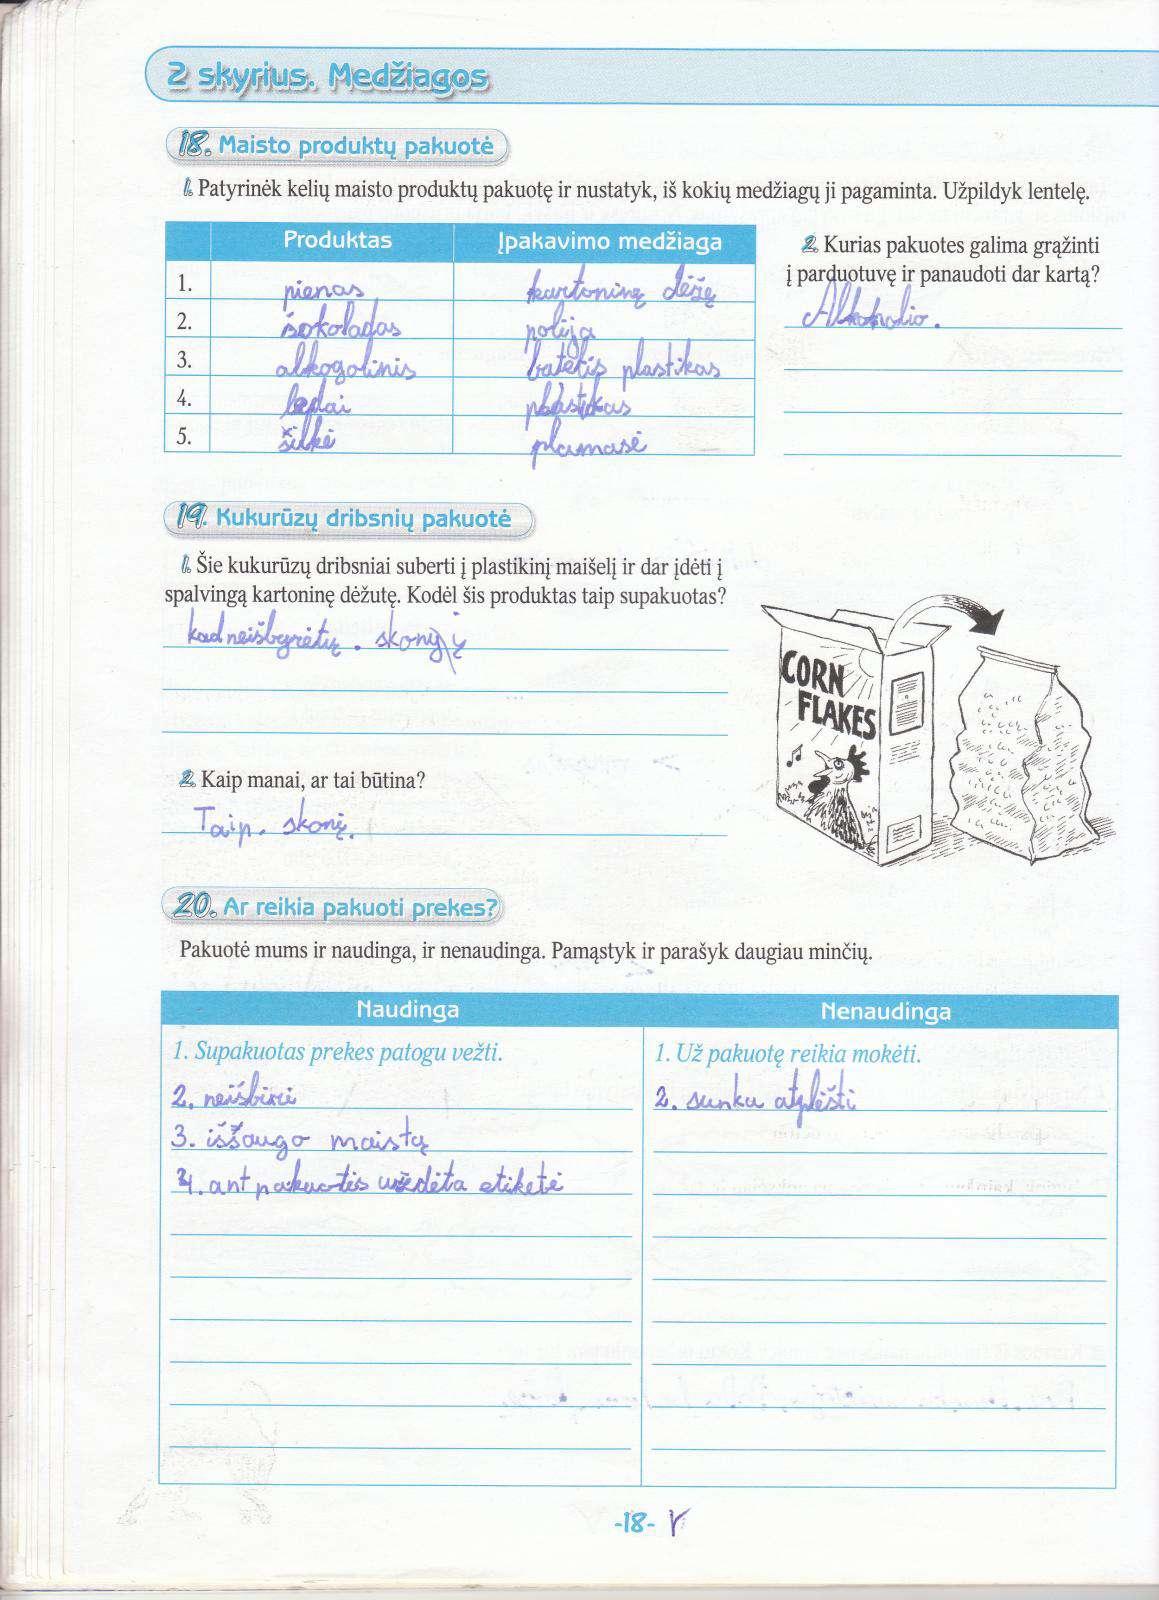 Peržiūrėti puslapį 19